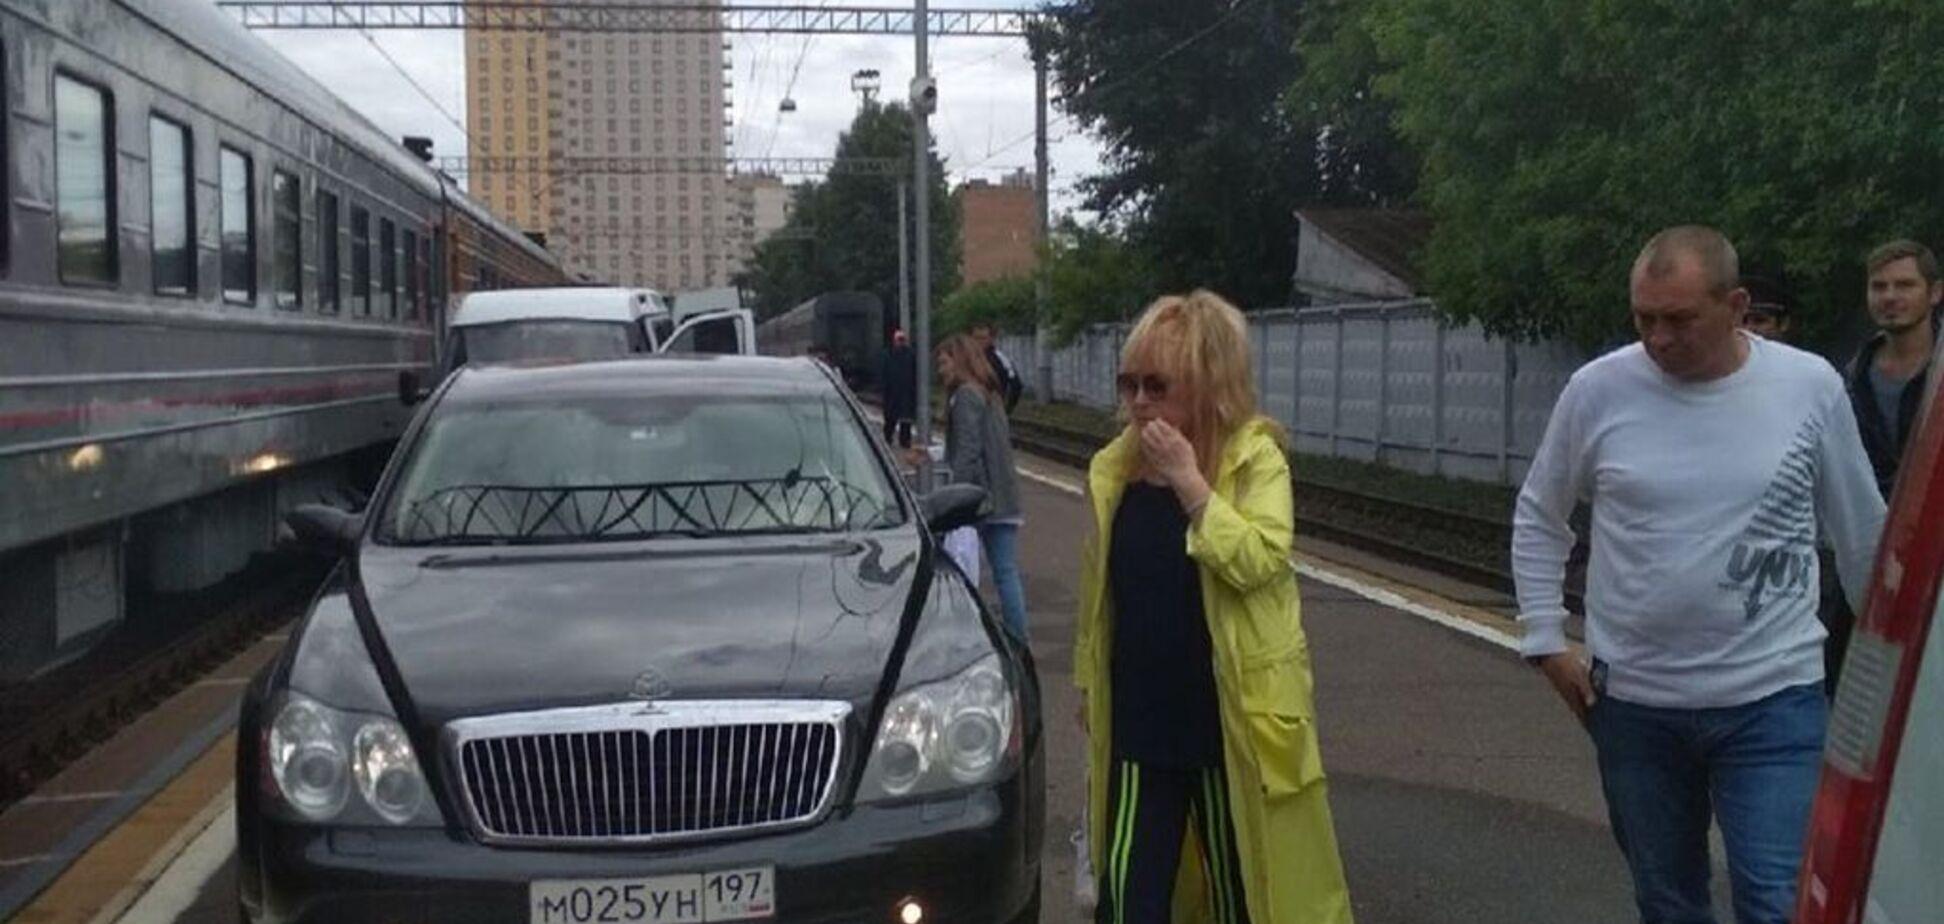 Пафосна витівка Пугачової на вокзалі: скандал отримав продовження